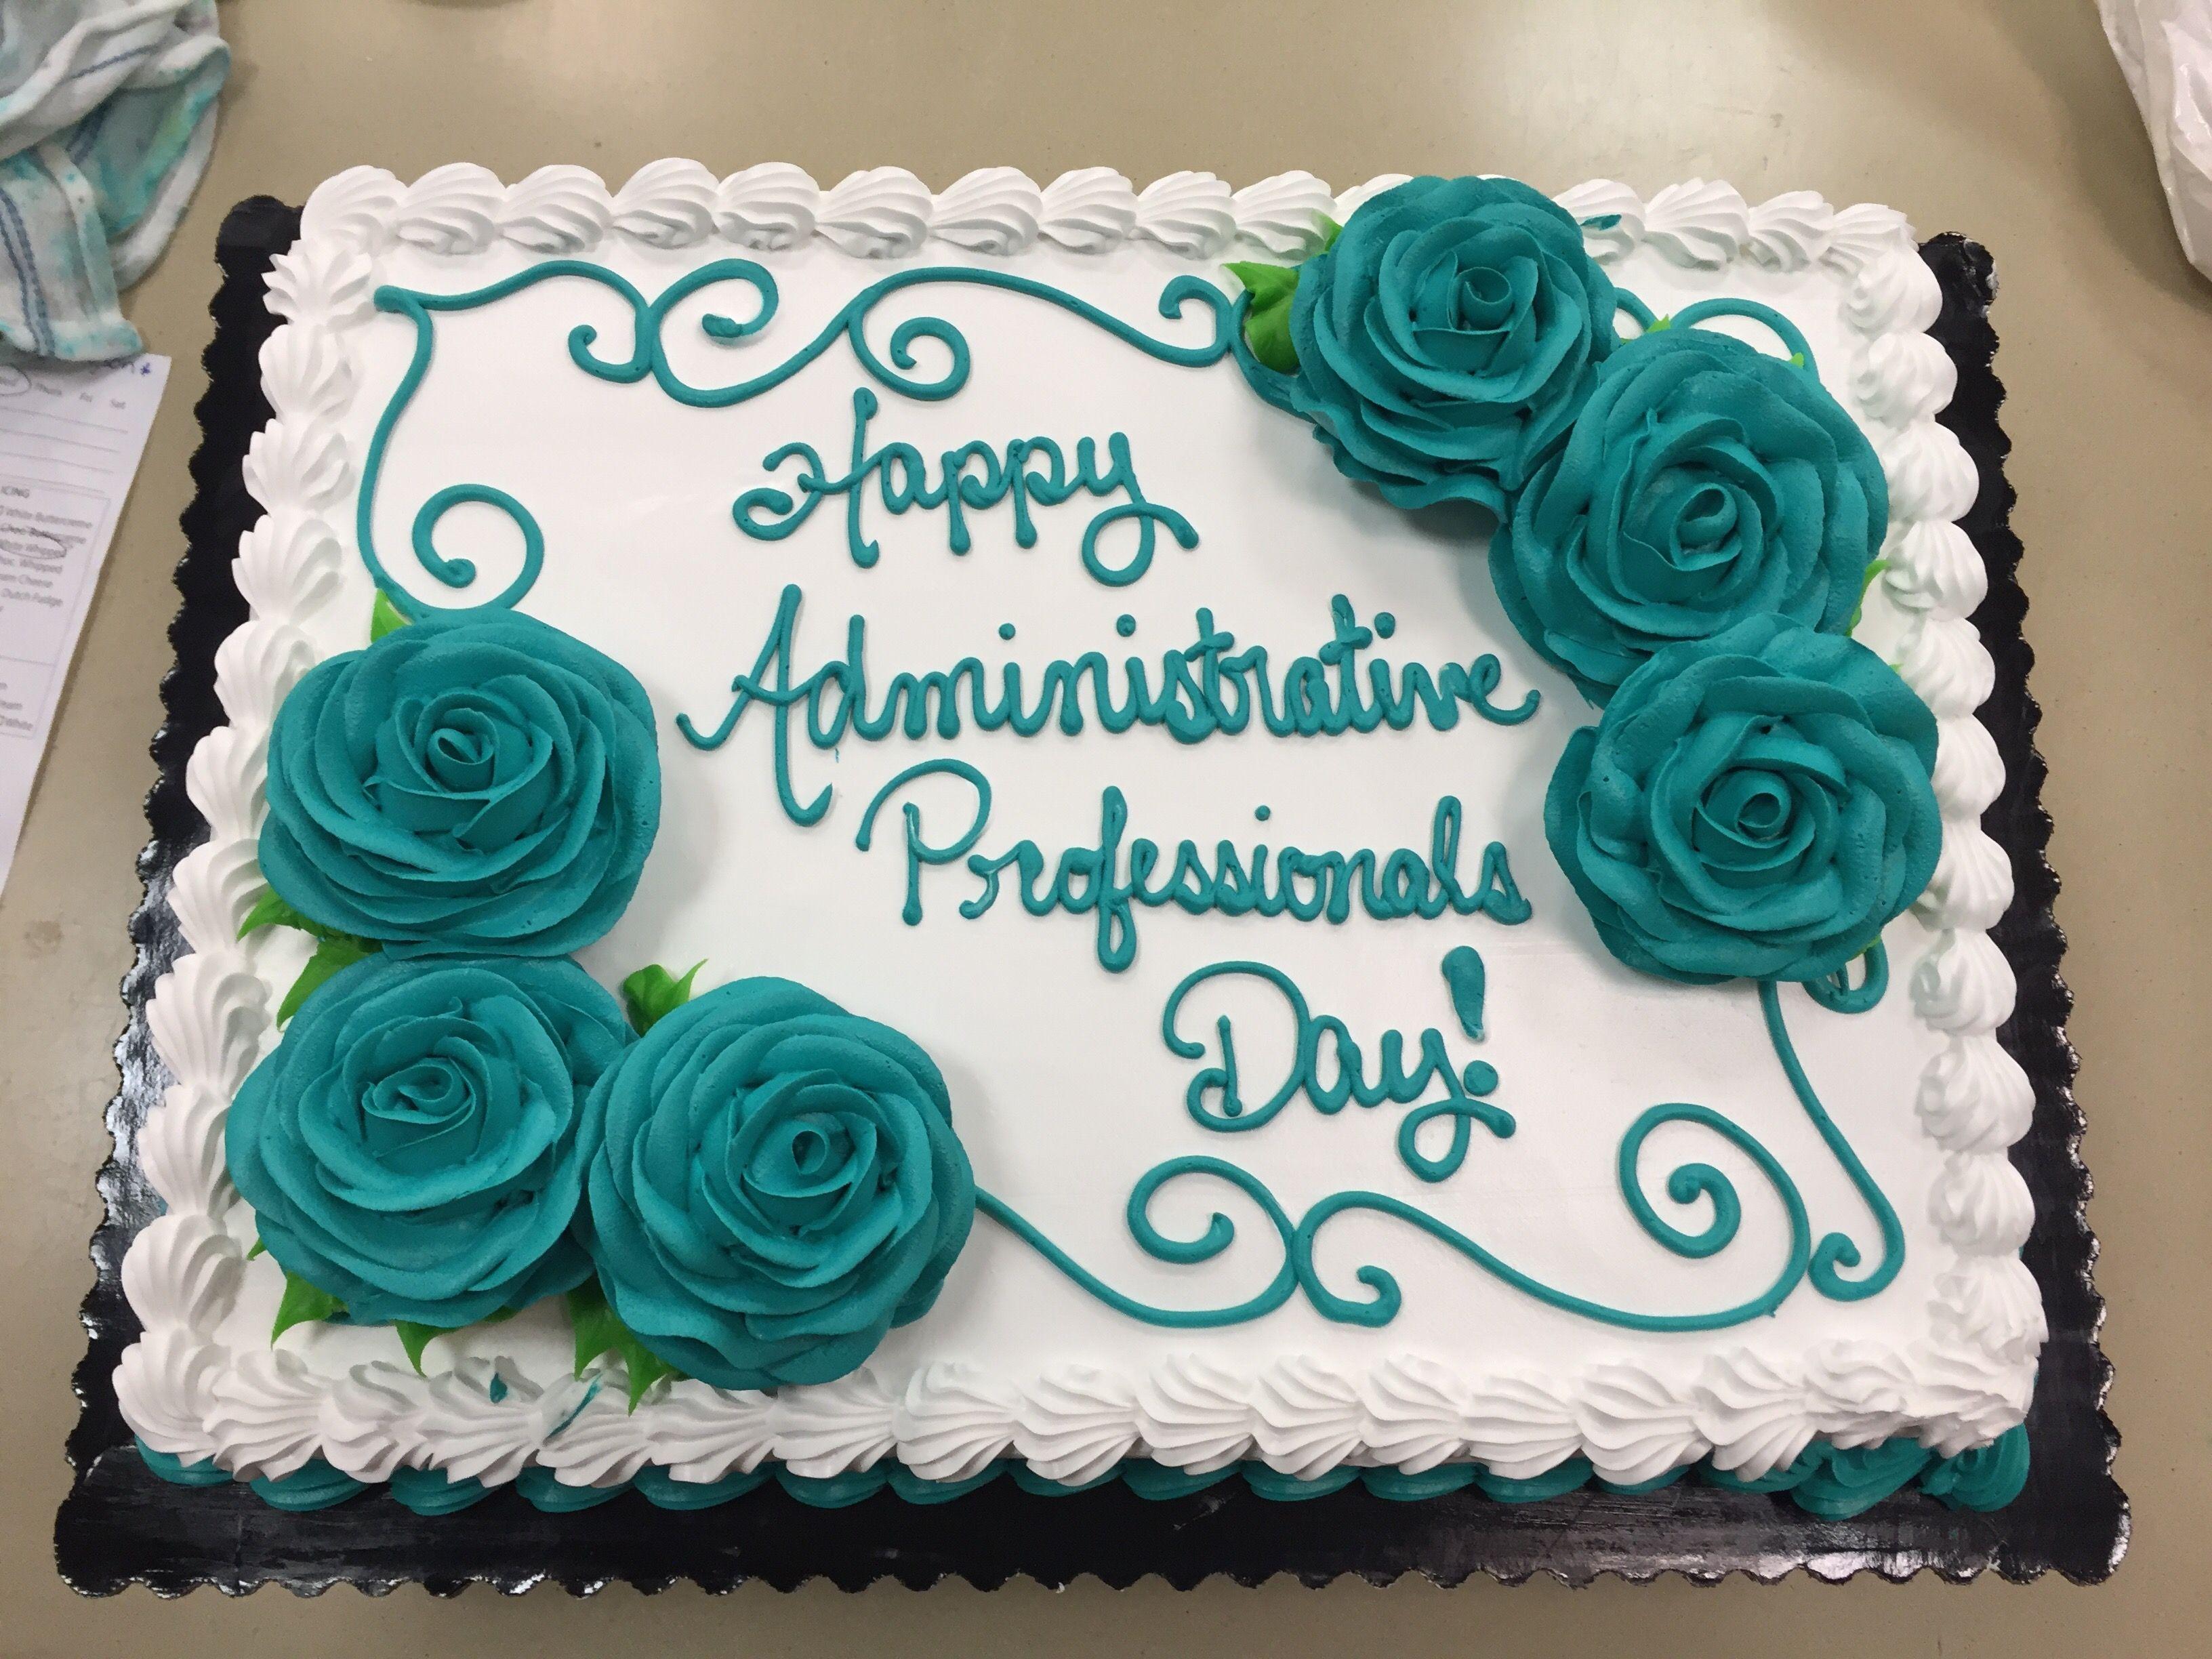 900 Decorated Sheet Cake Ideas Sheet Cake Cake Decorated Sheet Cake